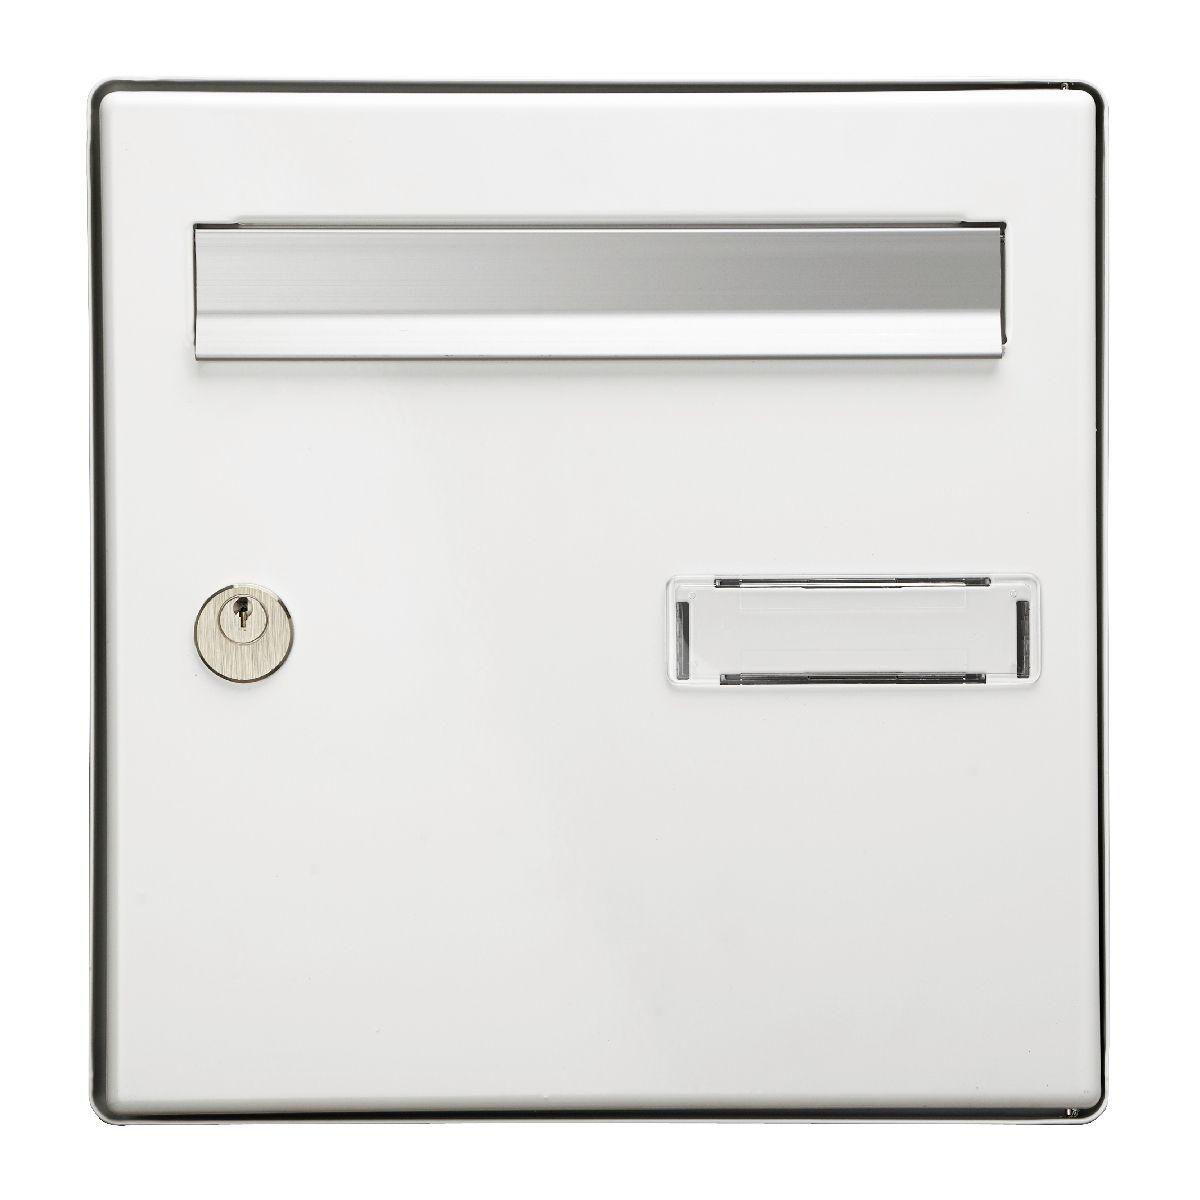 Plaque boîte aux lettres : un outil très important